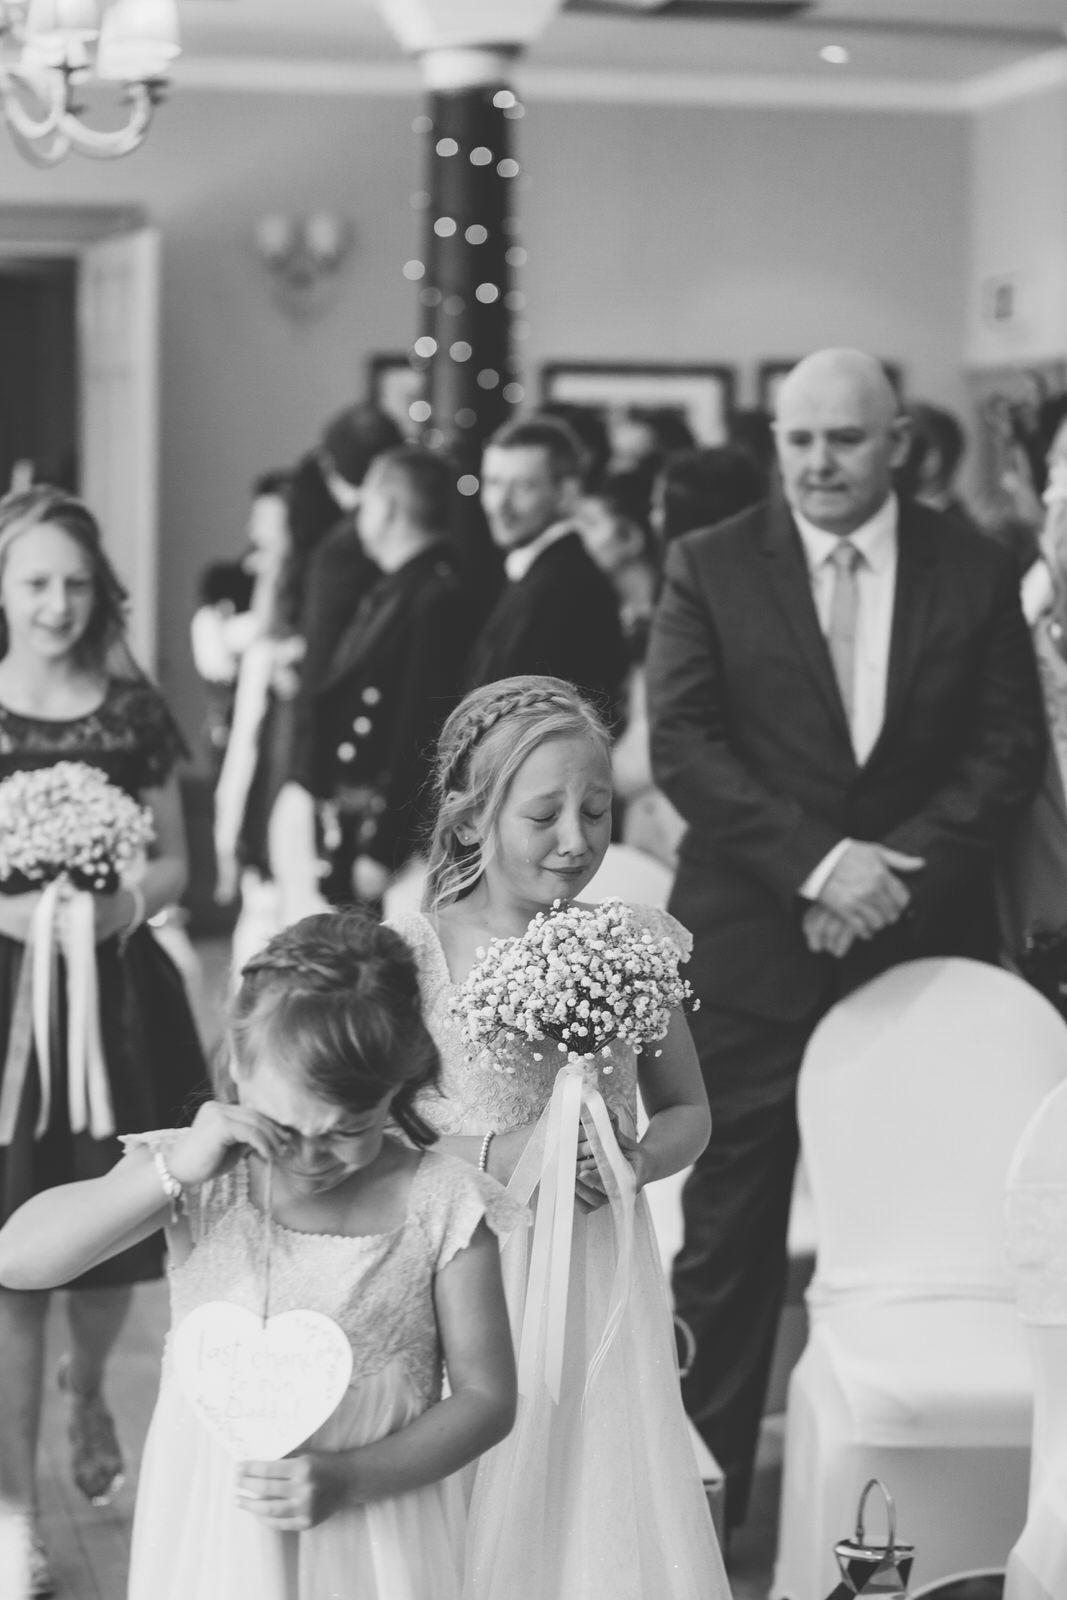 Glasgow wedding photographer, aberdeen wedding photographer, pittodrie house, pittodrie house hotel, pittodrie house hotel wedding, flower girls, wedding ceremony in aberdeen, crying bridesmaids